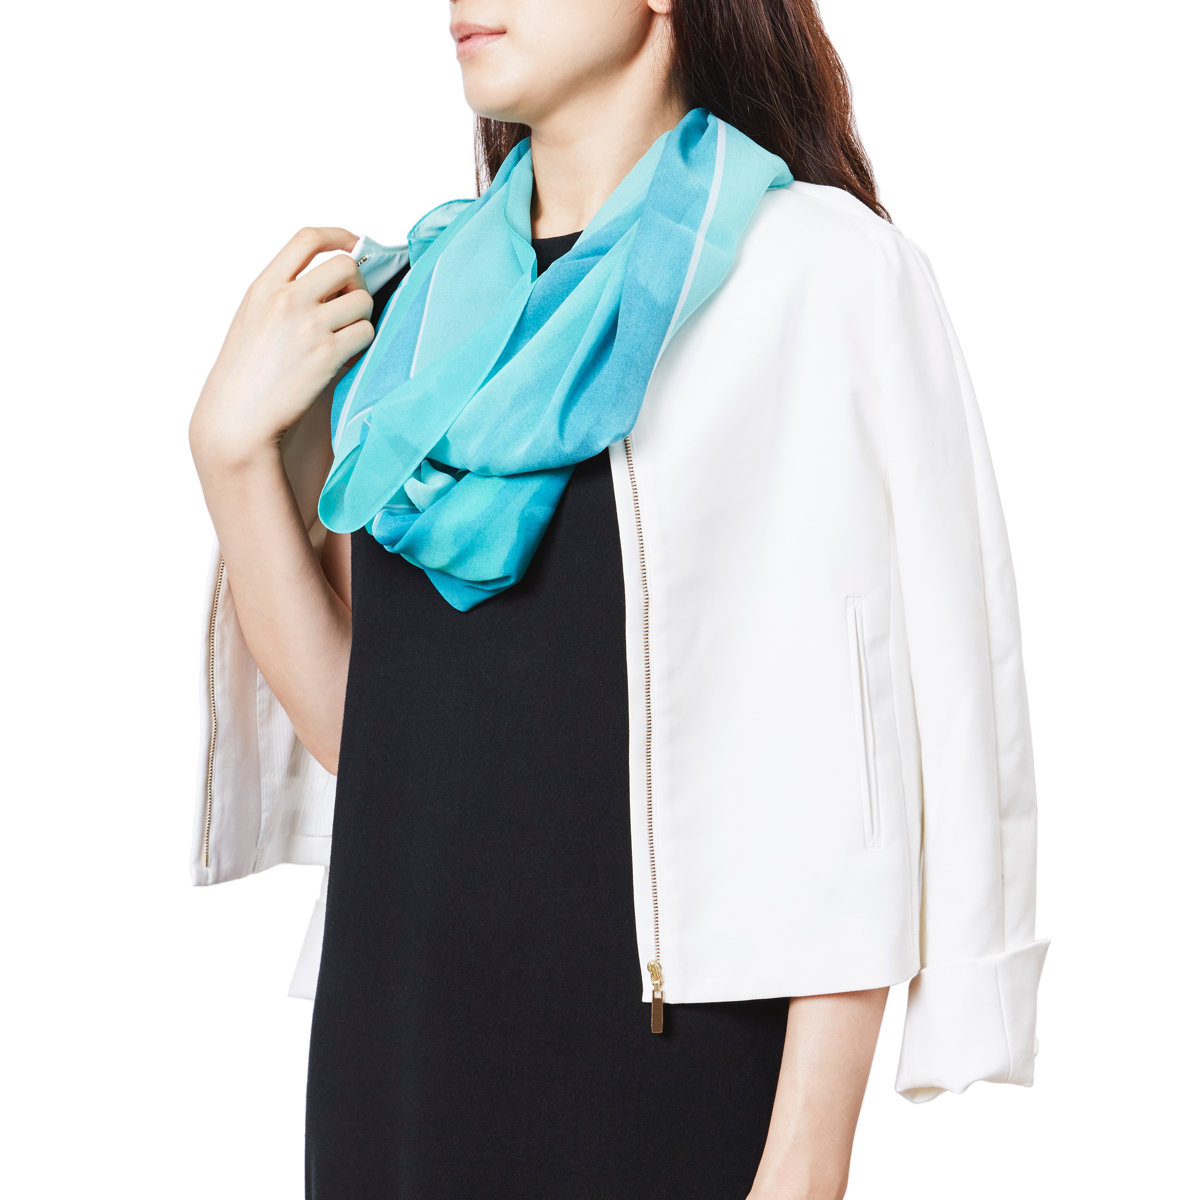 普段の洋服に馴染む、さりげないボリュームとデザインのシルクストール